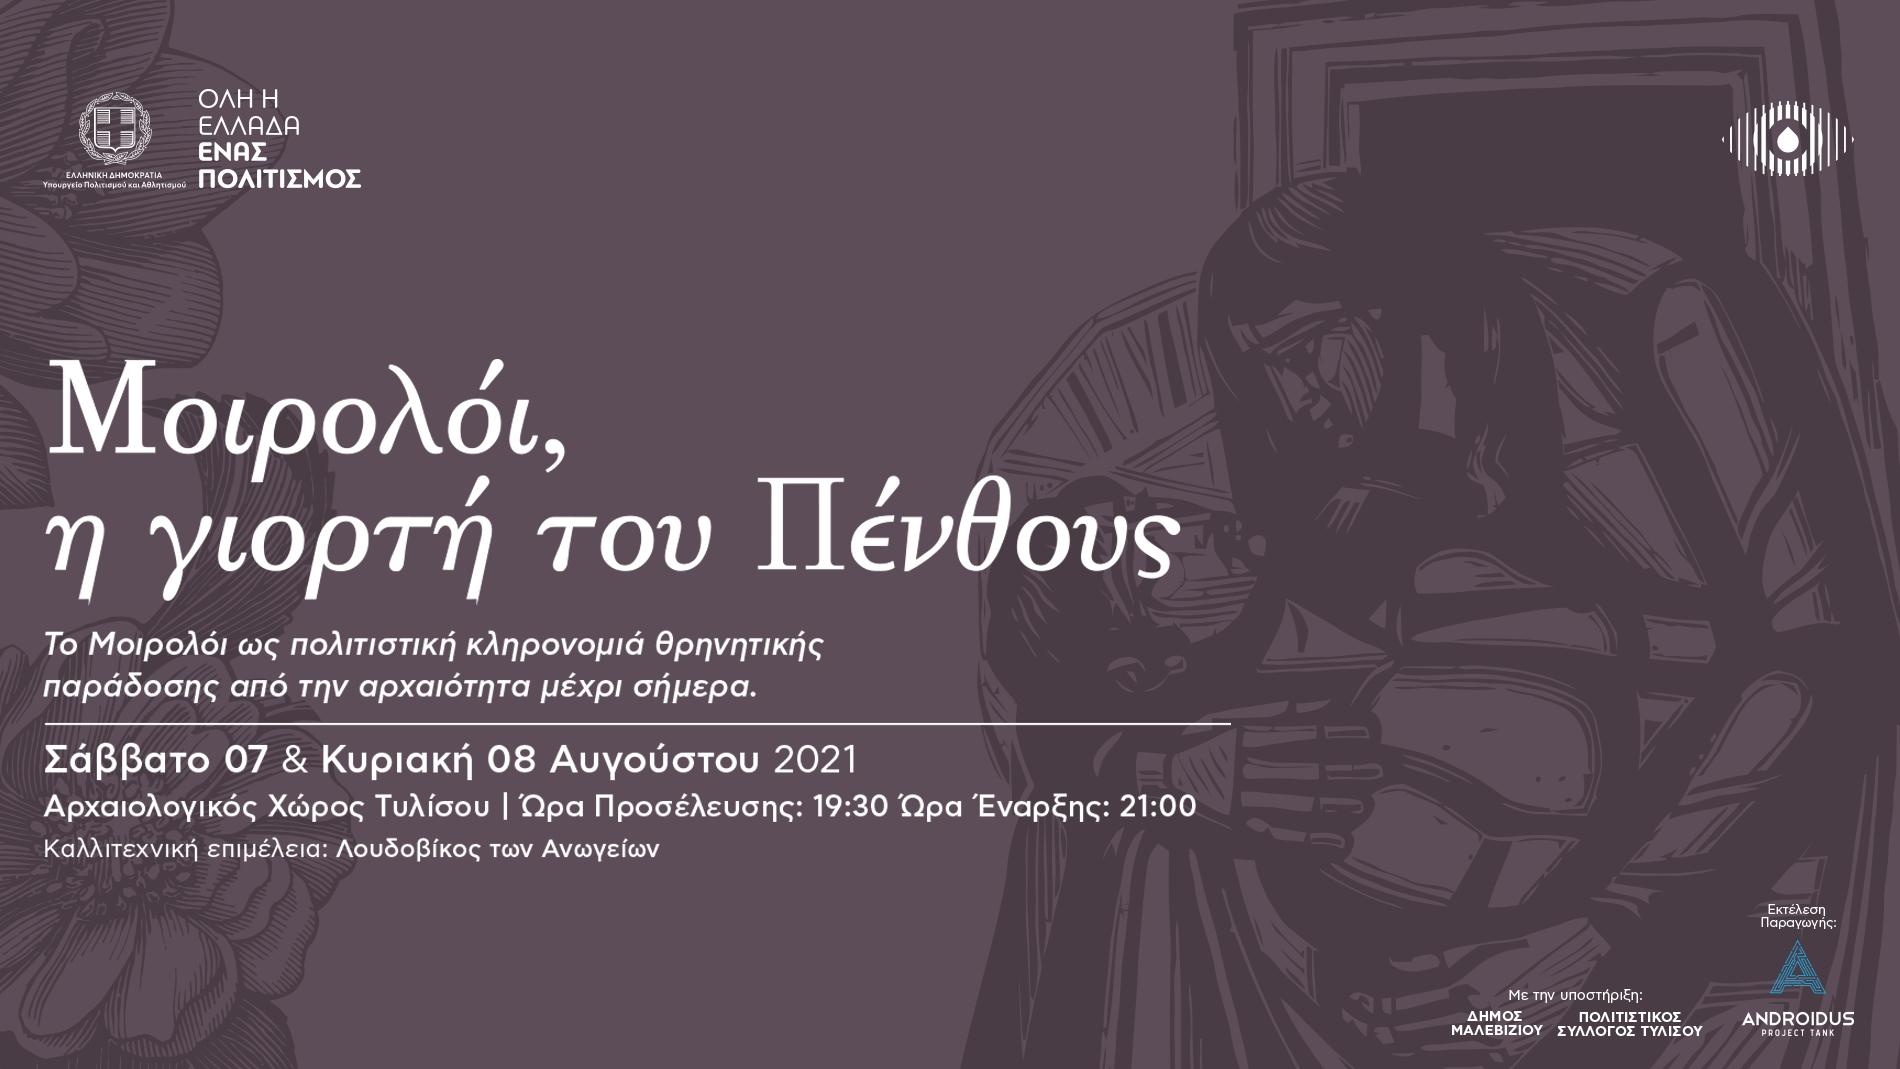 ΑΡΧΑΙΟΛΟΓΙΚΟΣ ΧΩΡΟΣ ΤΥΛΙΣΟΥ: 'Μοιρολόι, η Γιορτή του Πένθους'– Αρχαία Τύλισος